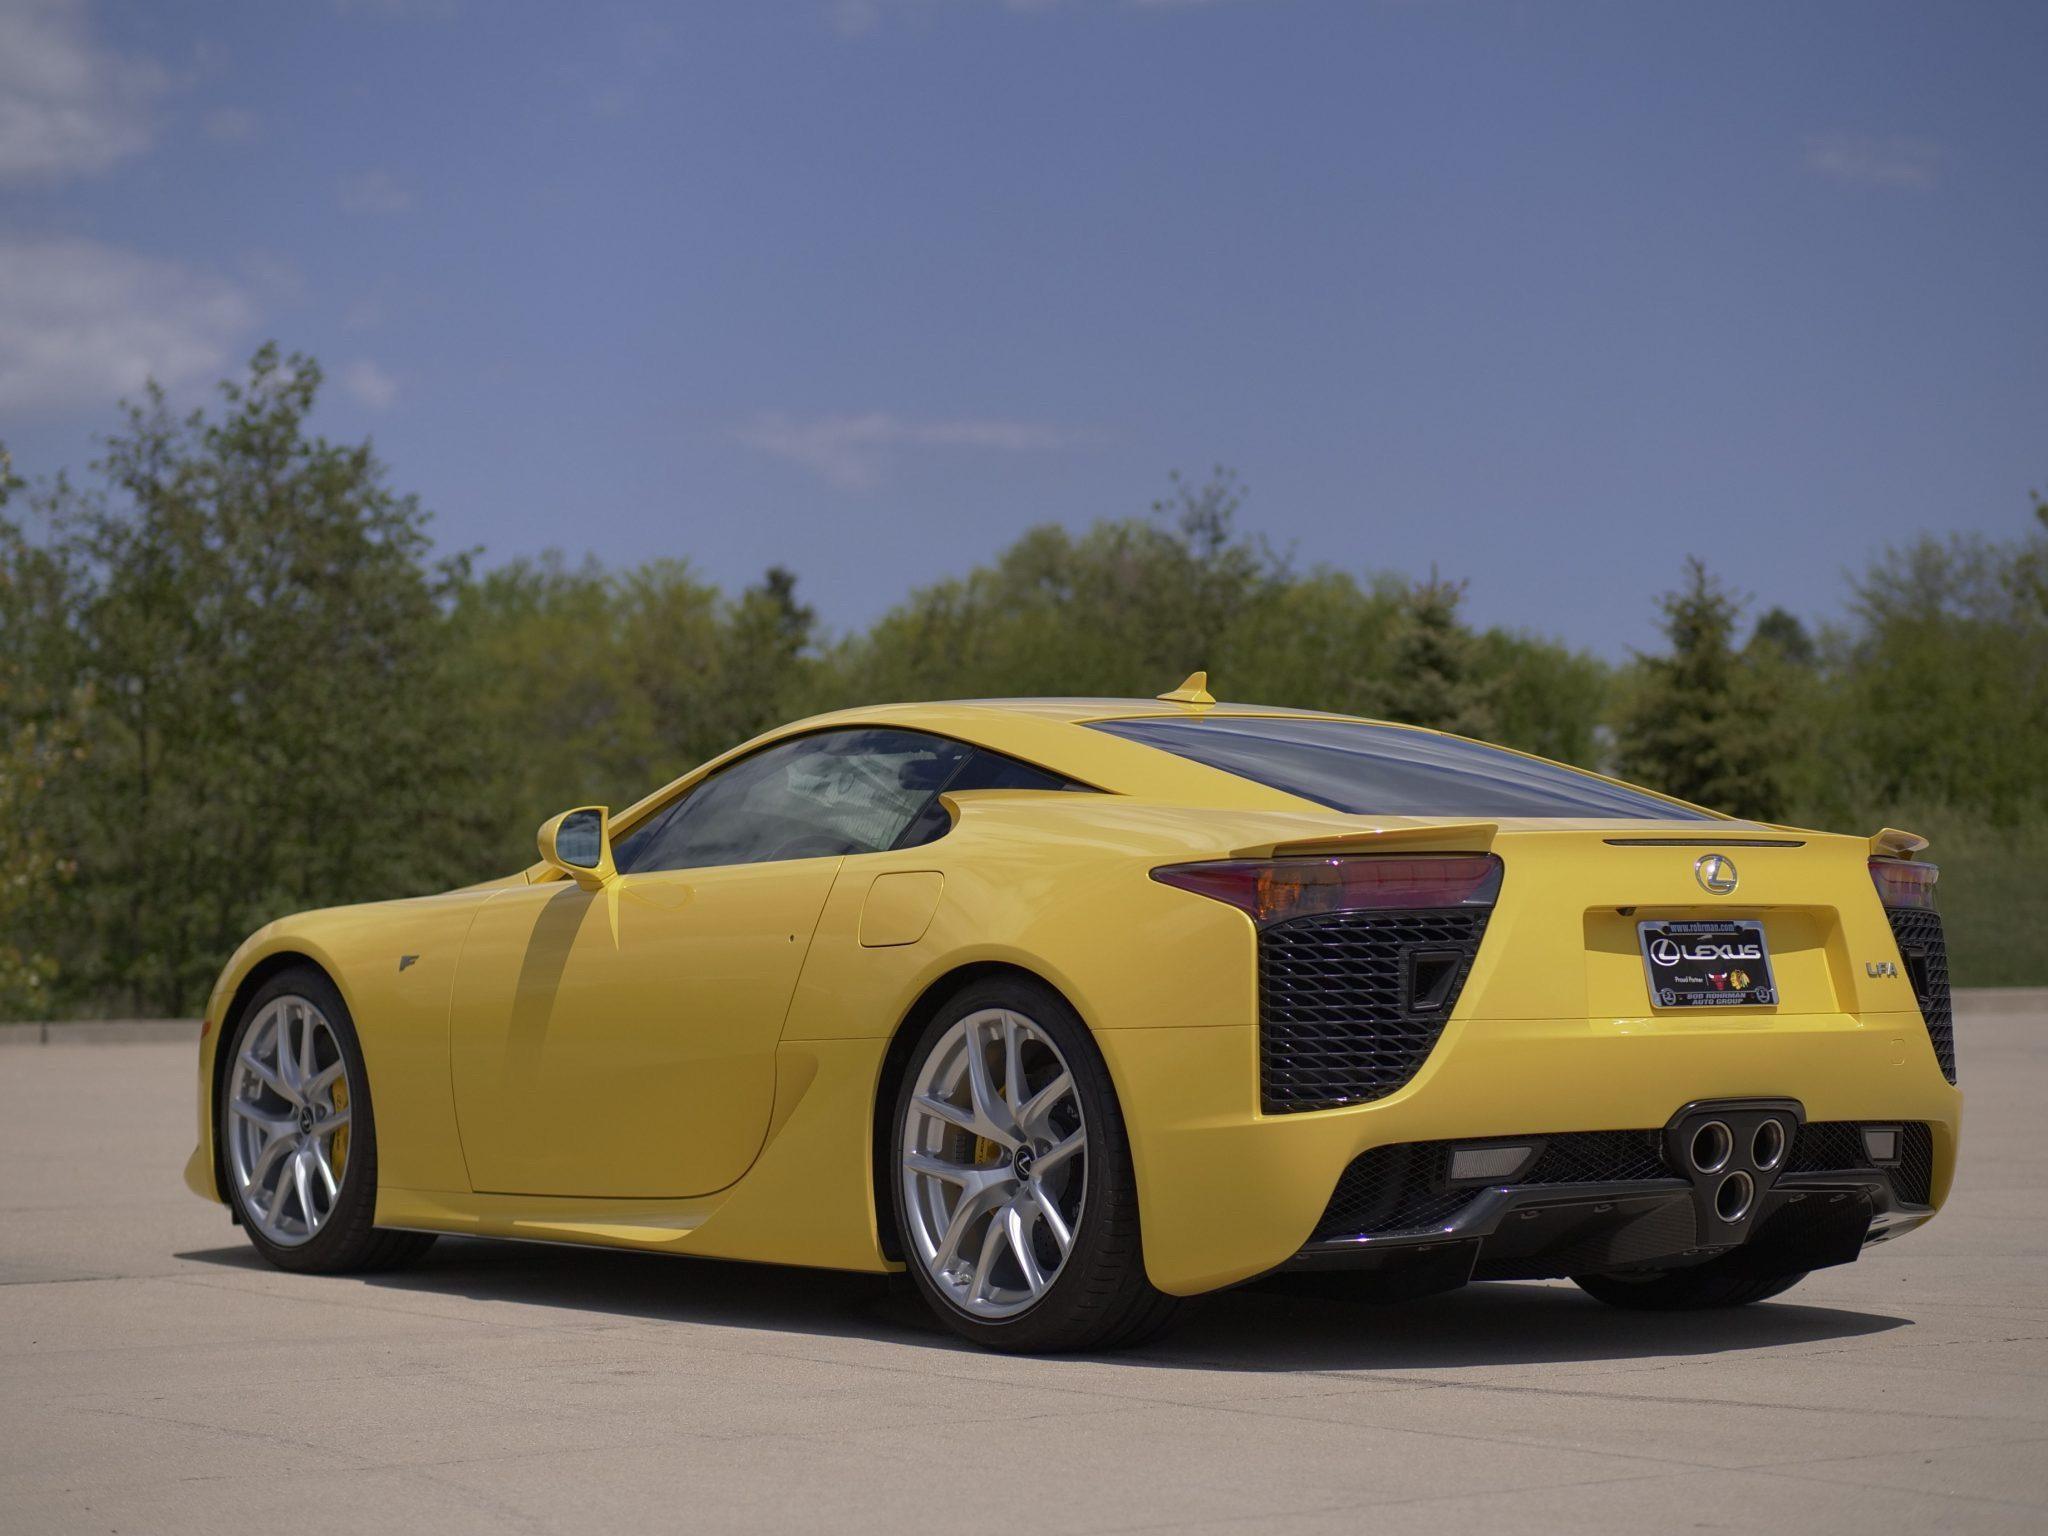 2012_Lexus_LFA_sale-0002